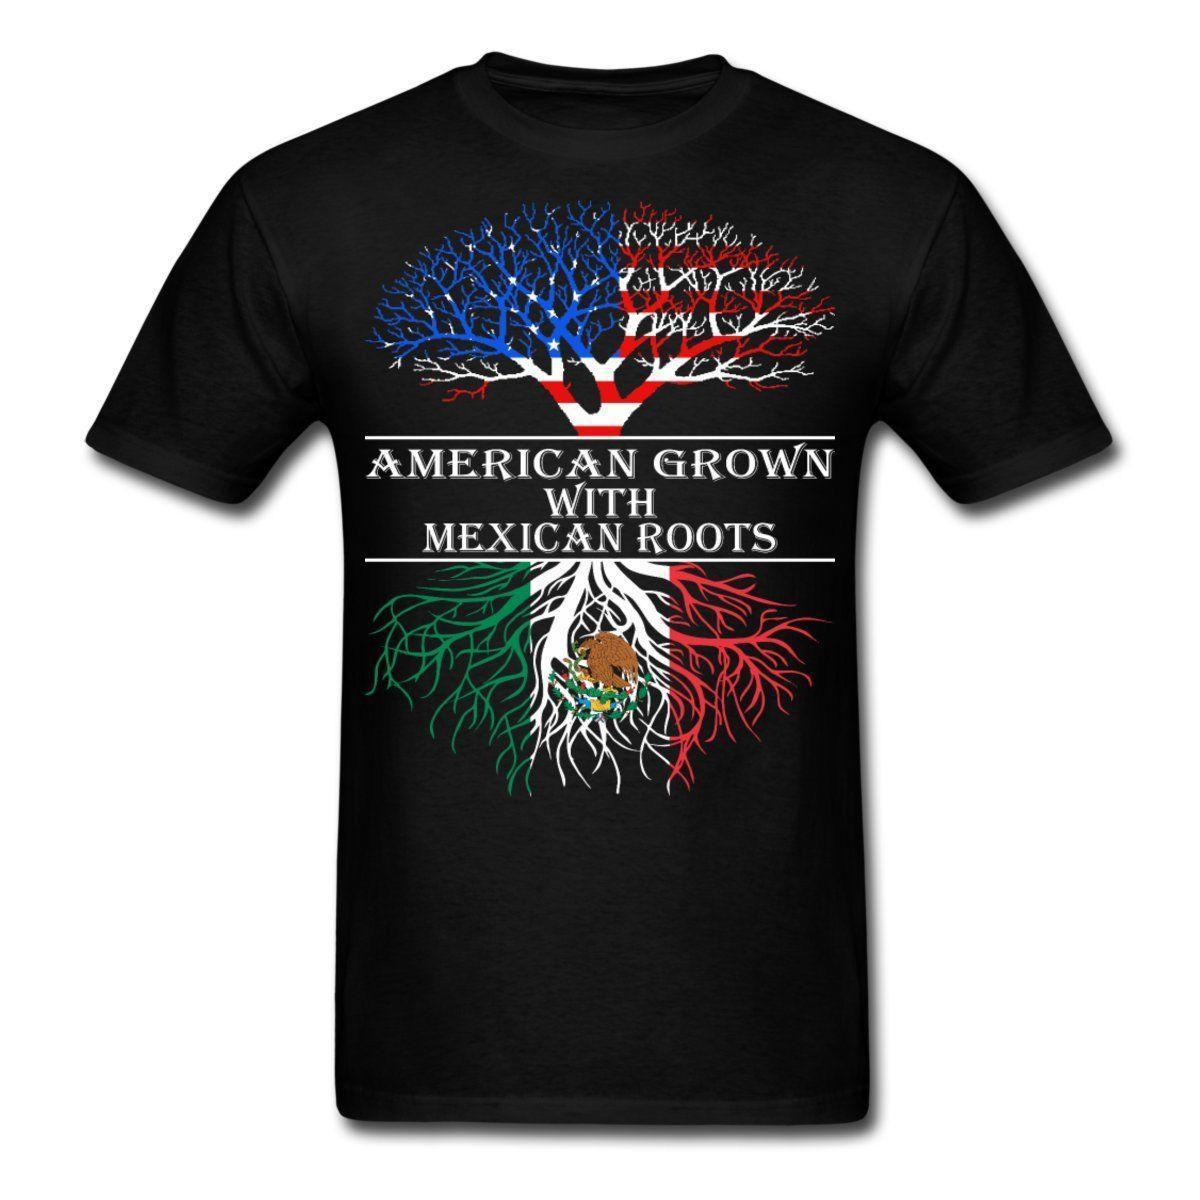 Compre Crecido Americano Con Raíces Mexicanas Camiseta De Los Hombres  Camiseta De La Marca De Fábrica De Harajuku Del Inconformista Camiseta De  La ... 827c00a060a28